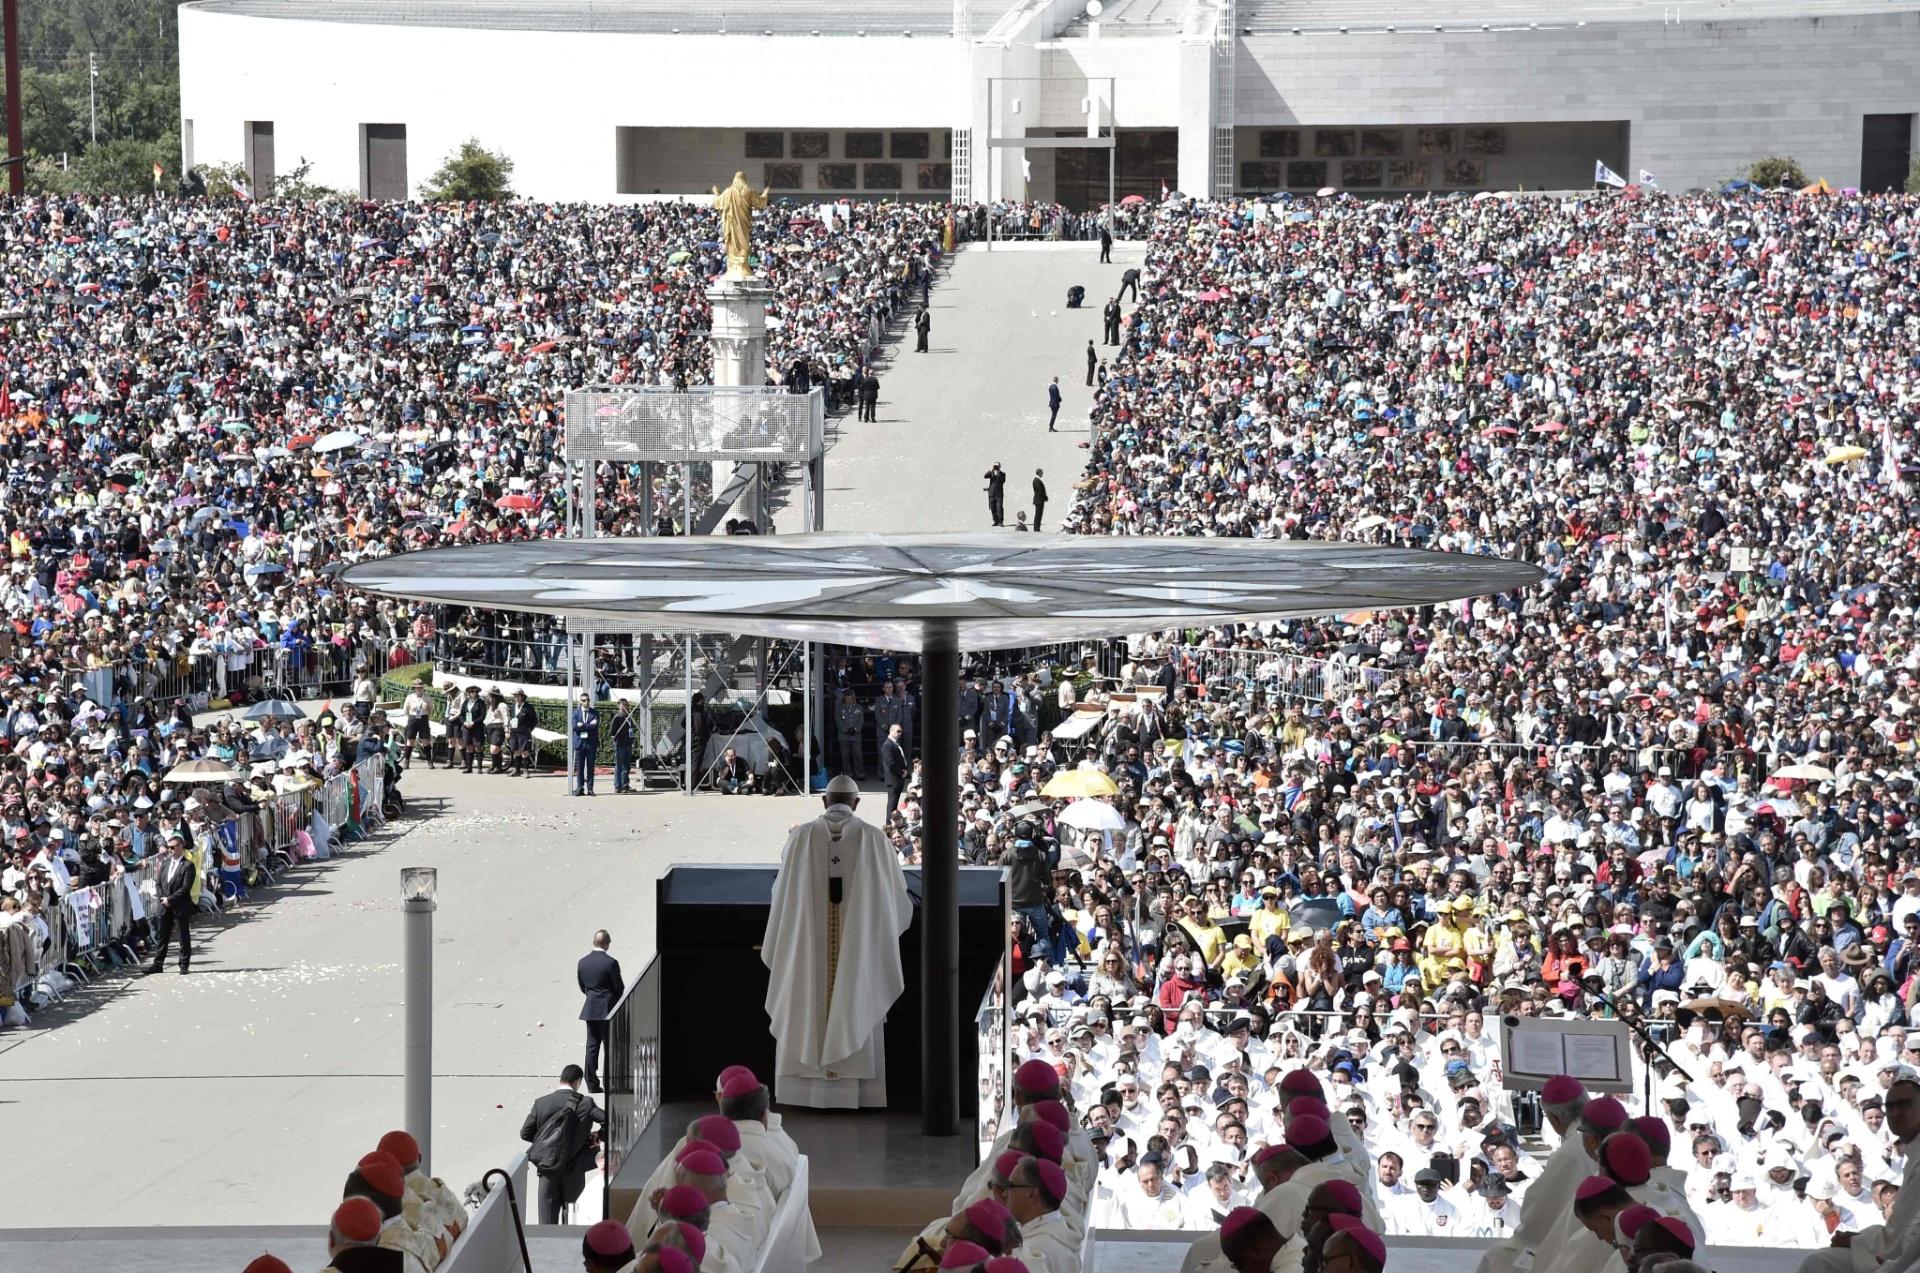 13.mai.2017 - Durante a procissão que abriu a cerimônia, os restos mortais de Jacinta e Francisco, que morreram com 9 e 10 anos, respectivamente, foram colocados no altar ao lado da imagem da Virgem